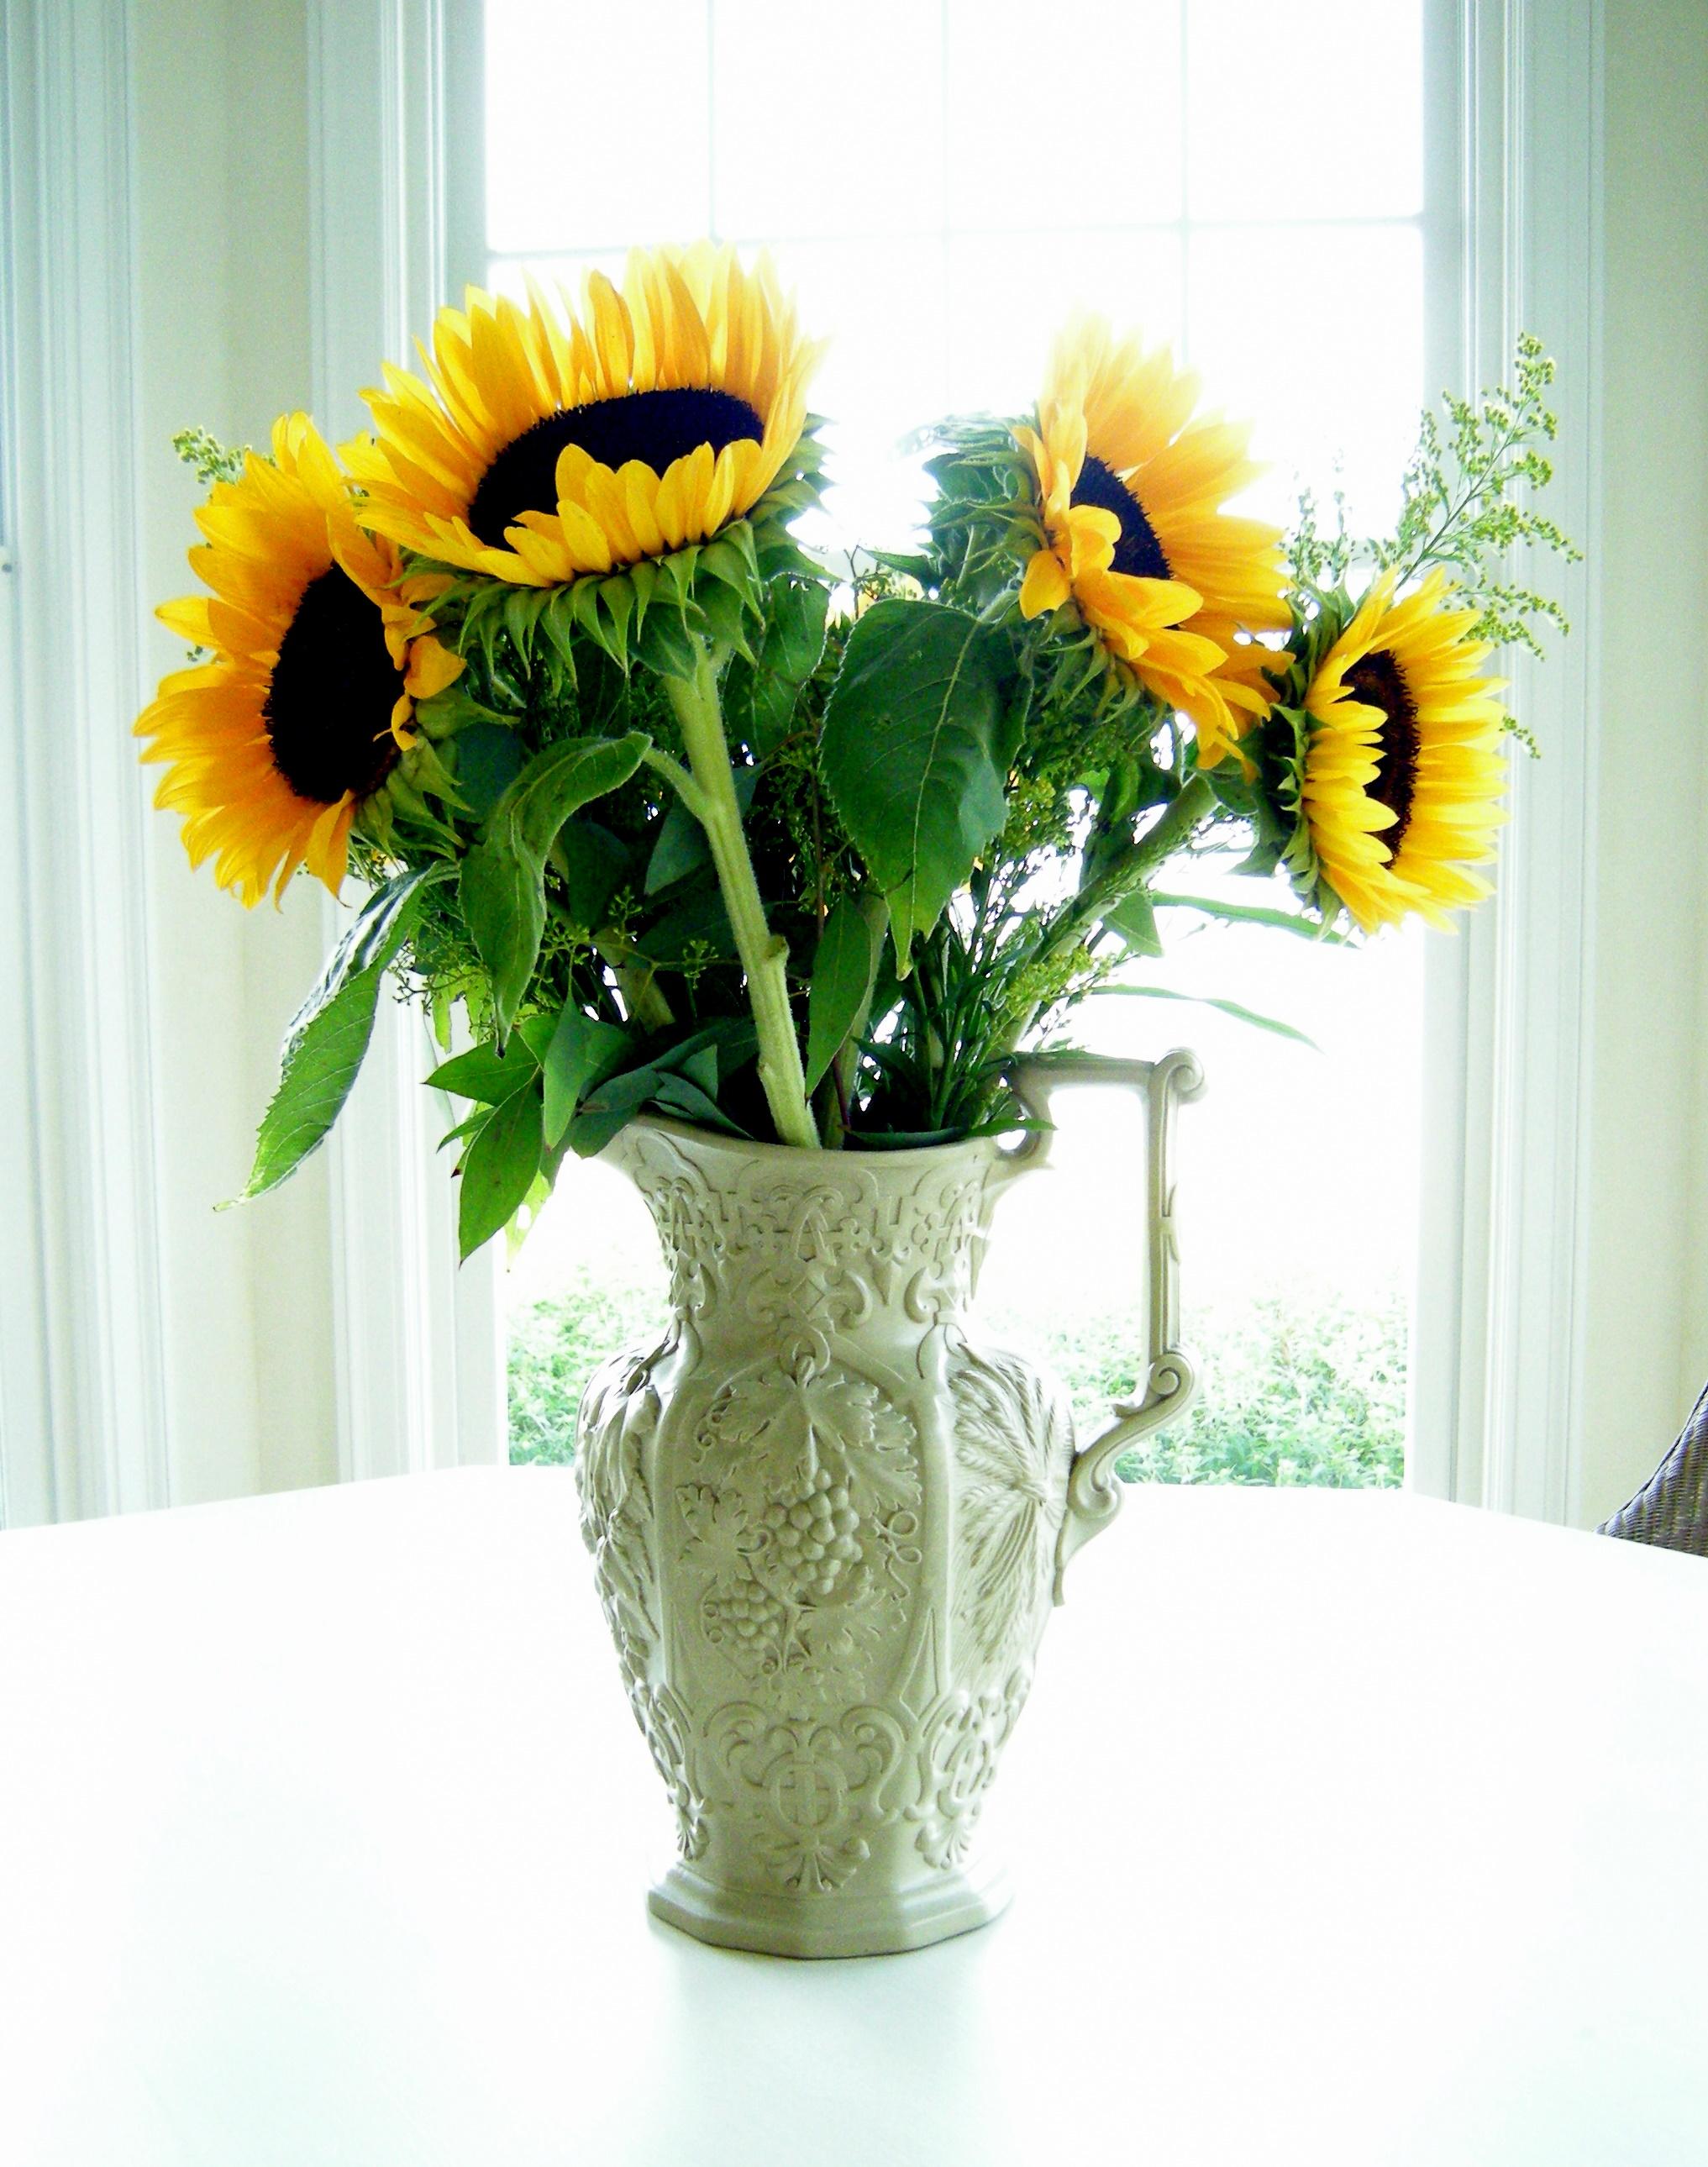 Flower arrangements rustic chic